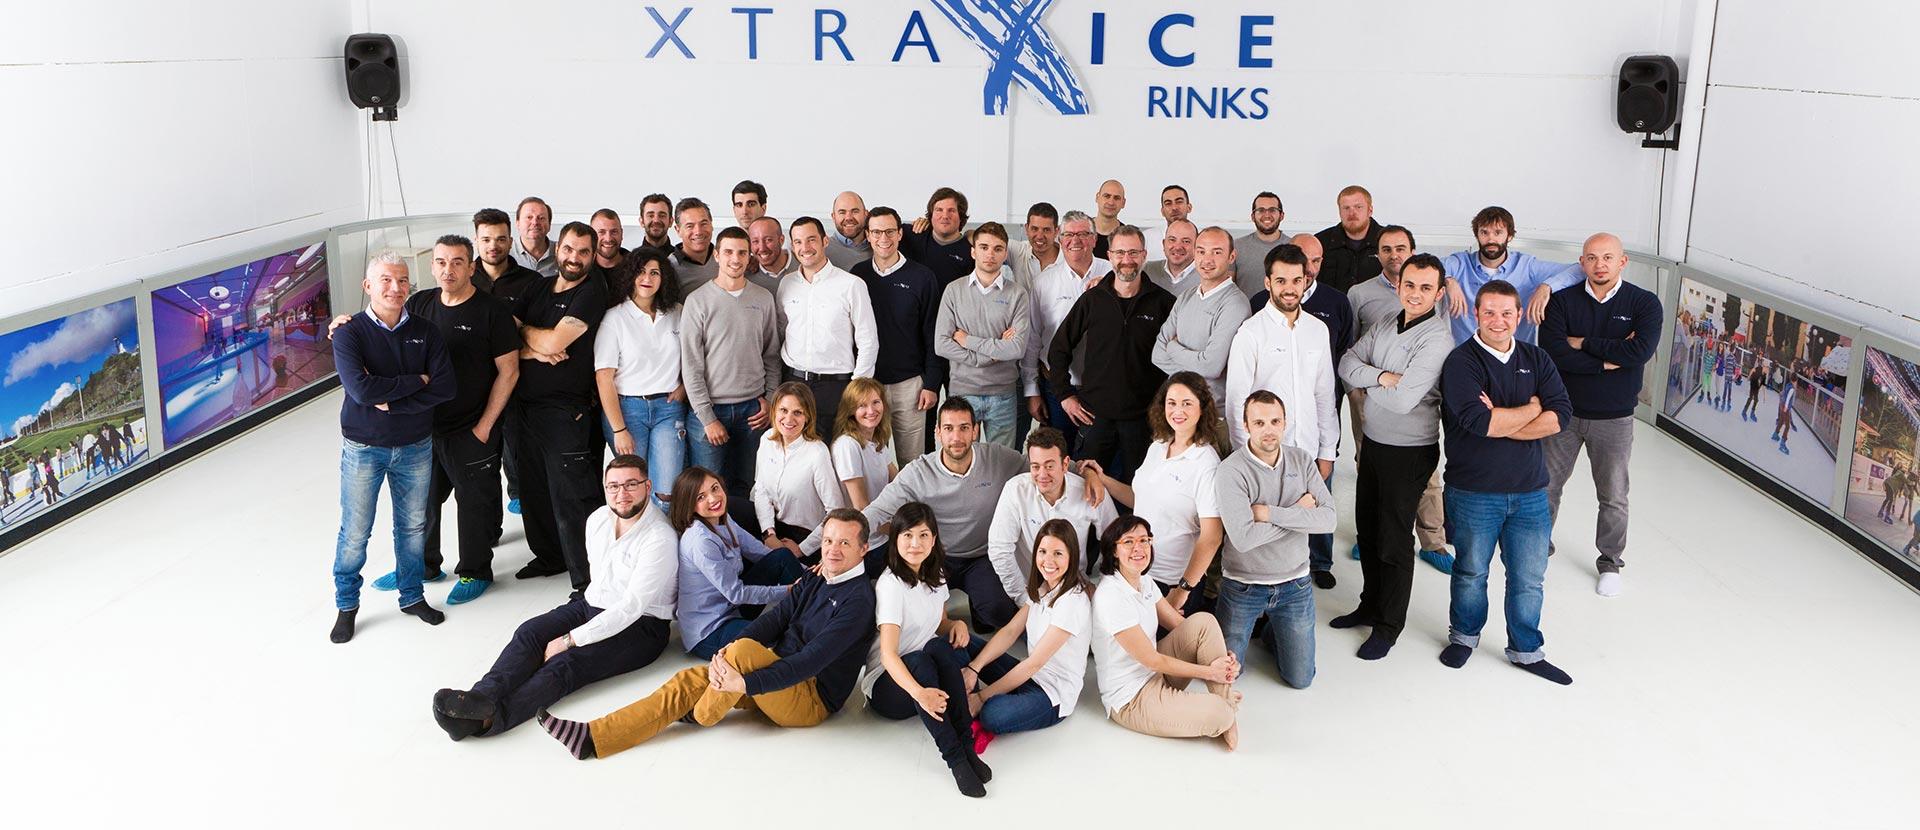 Plantilla / equipo de Xtraice